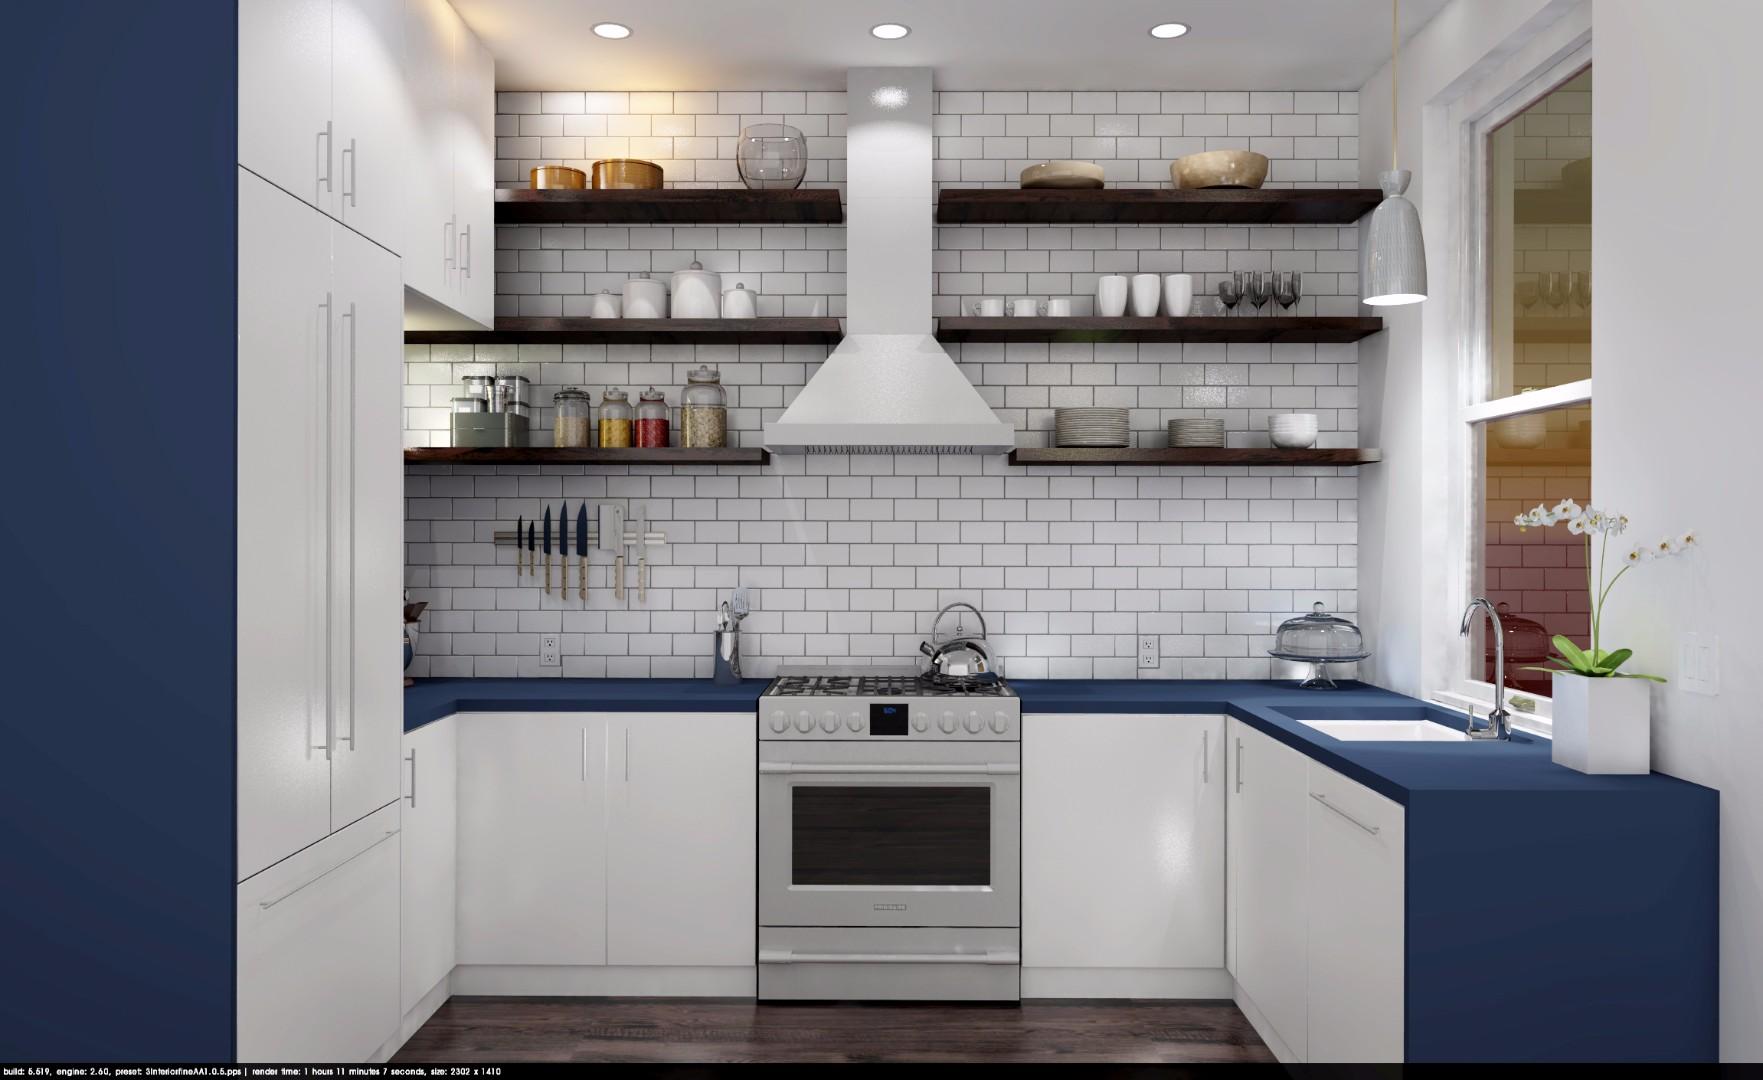 134_Kitchen_night1.jpg